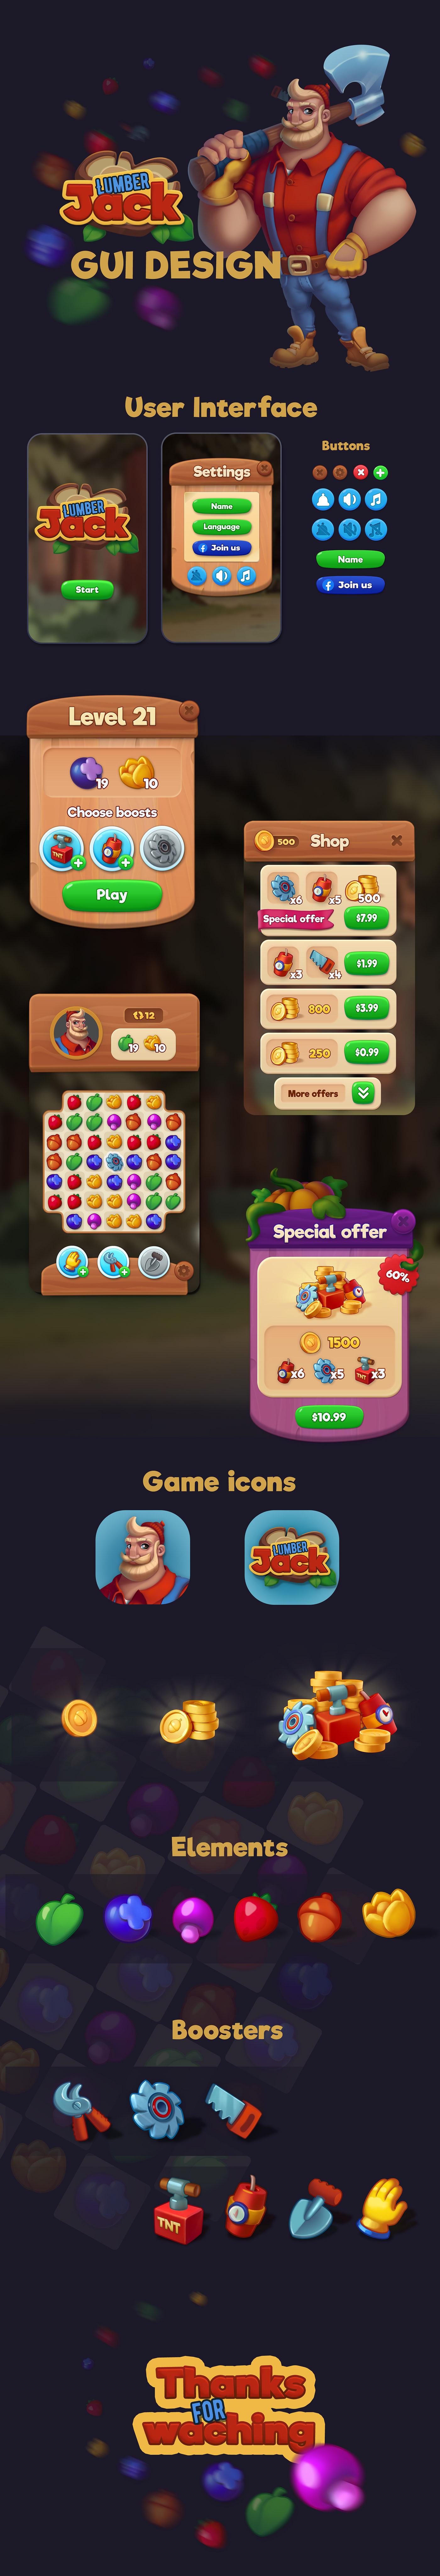 GUI Interface Mobile app UI ui design UI/UX user interface